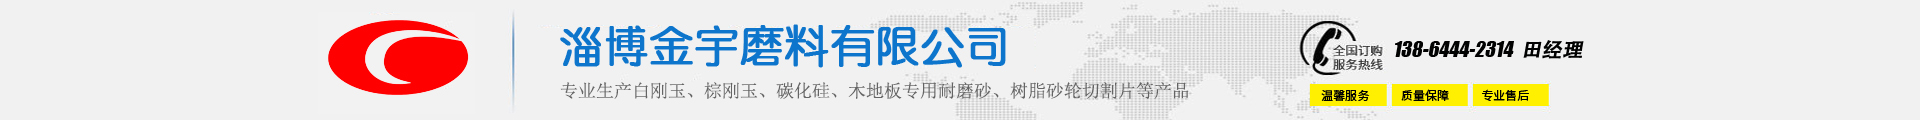 淄博金宇磨料有限公司